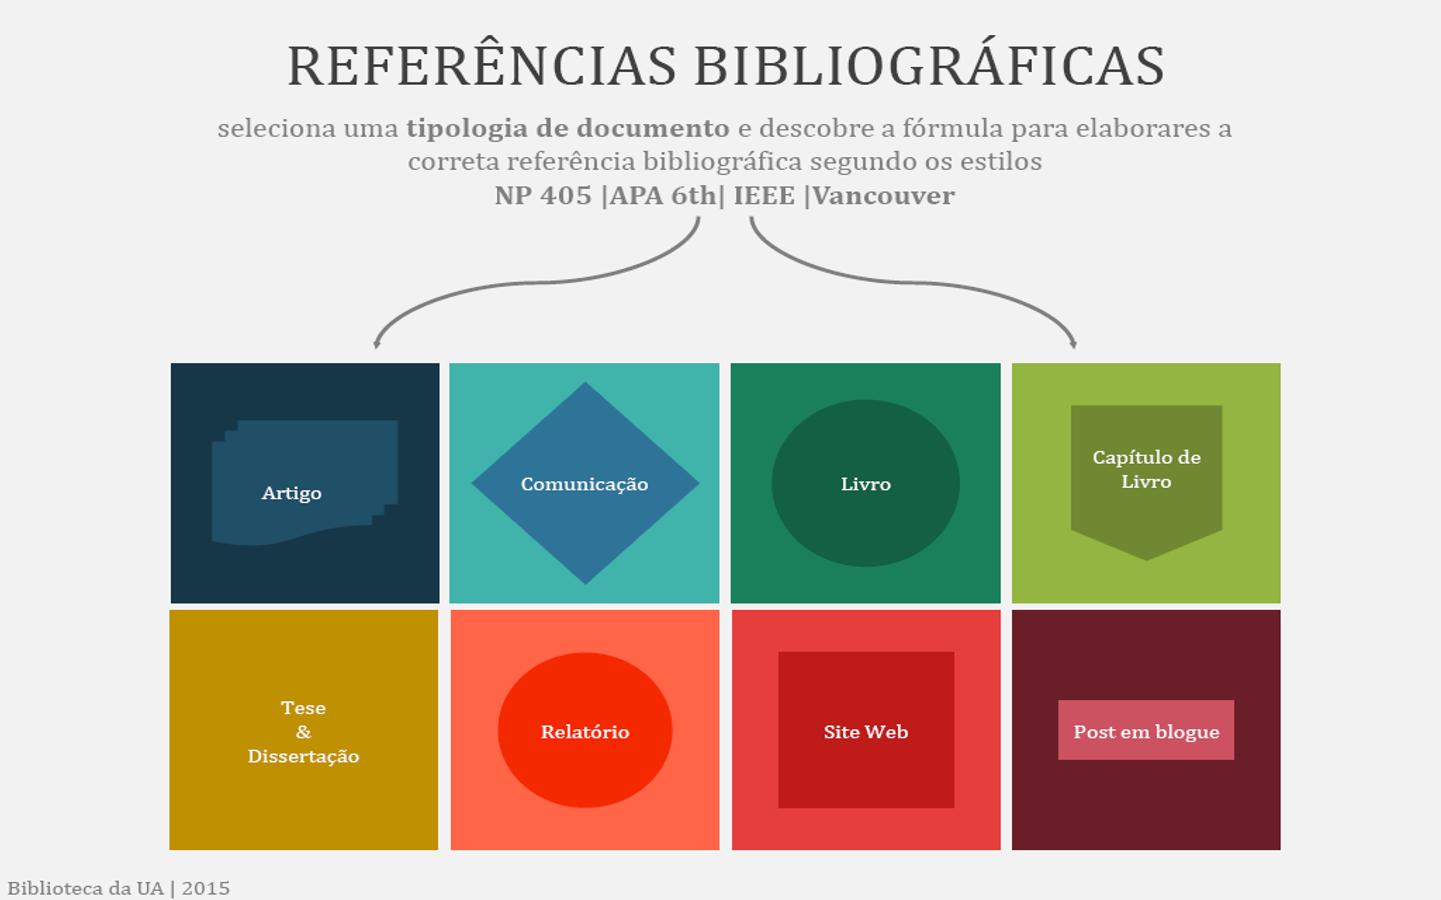 img_ref bibliog